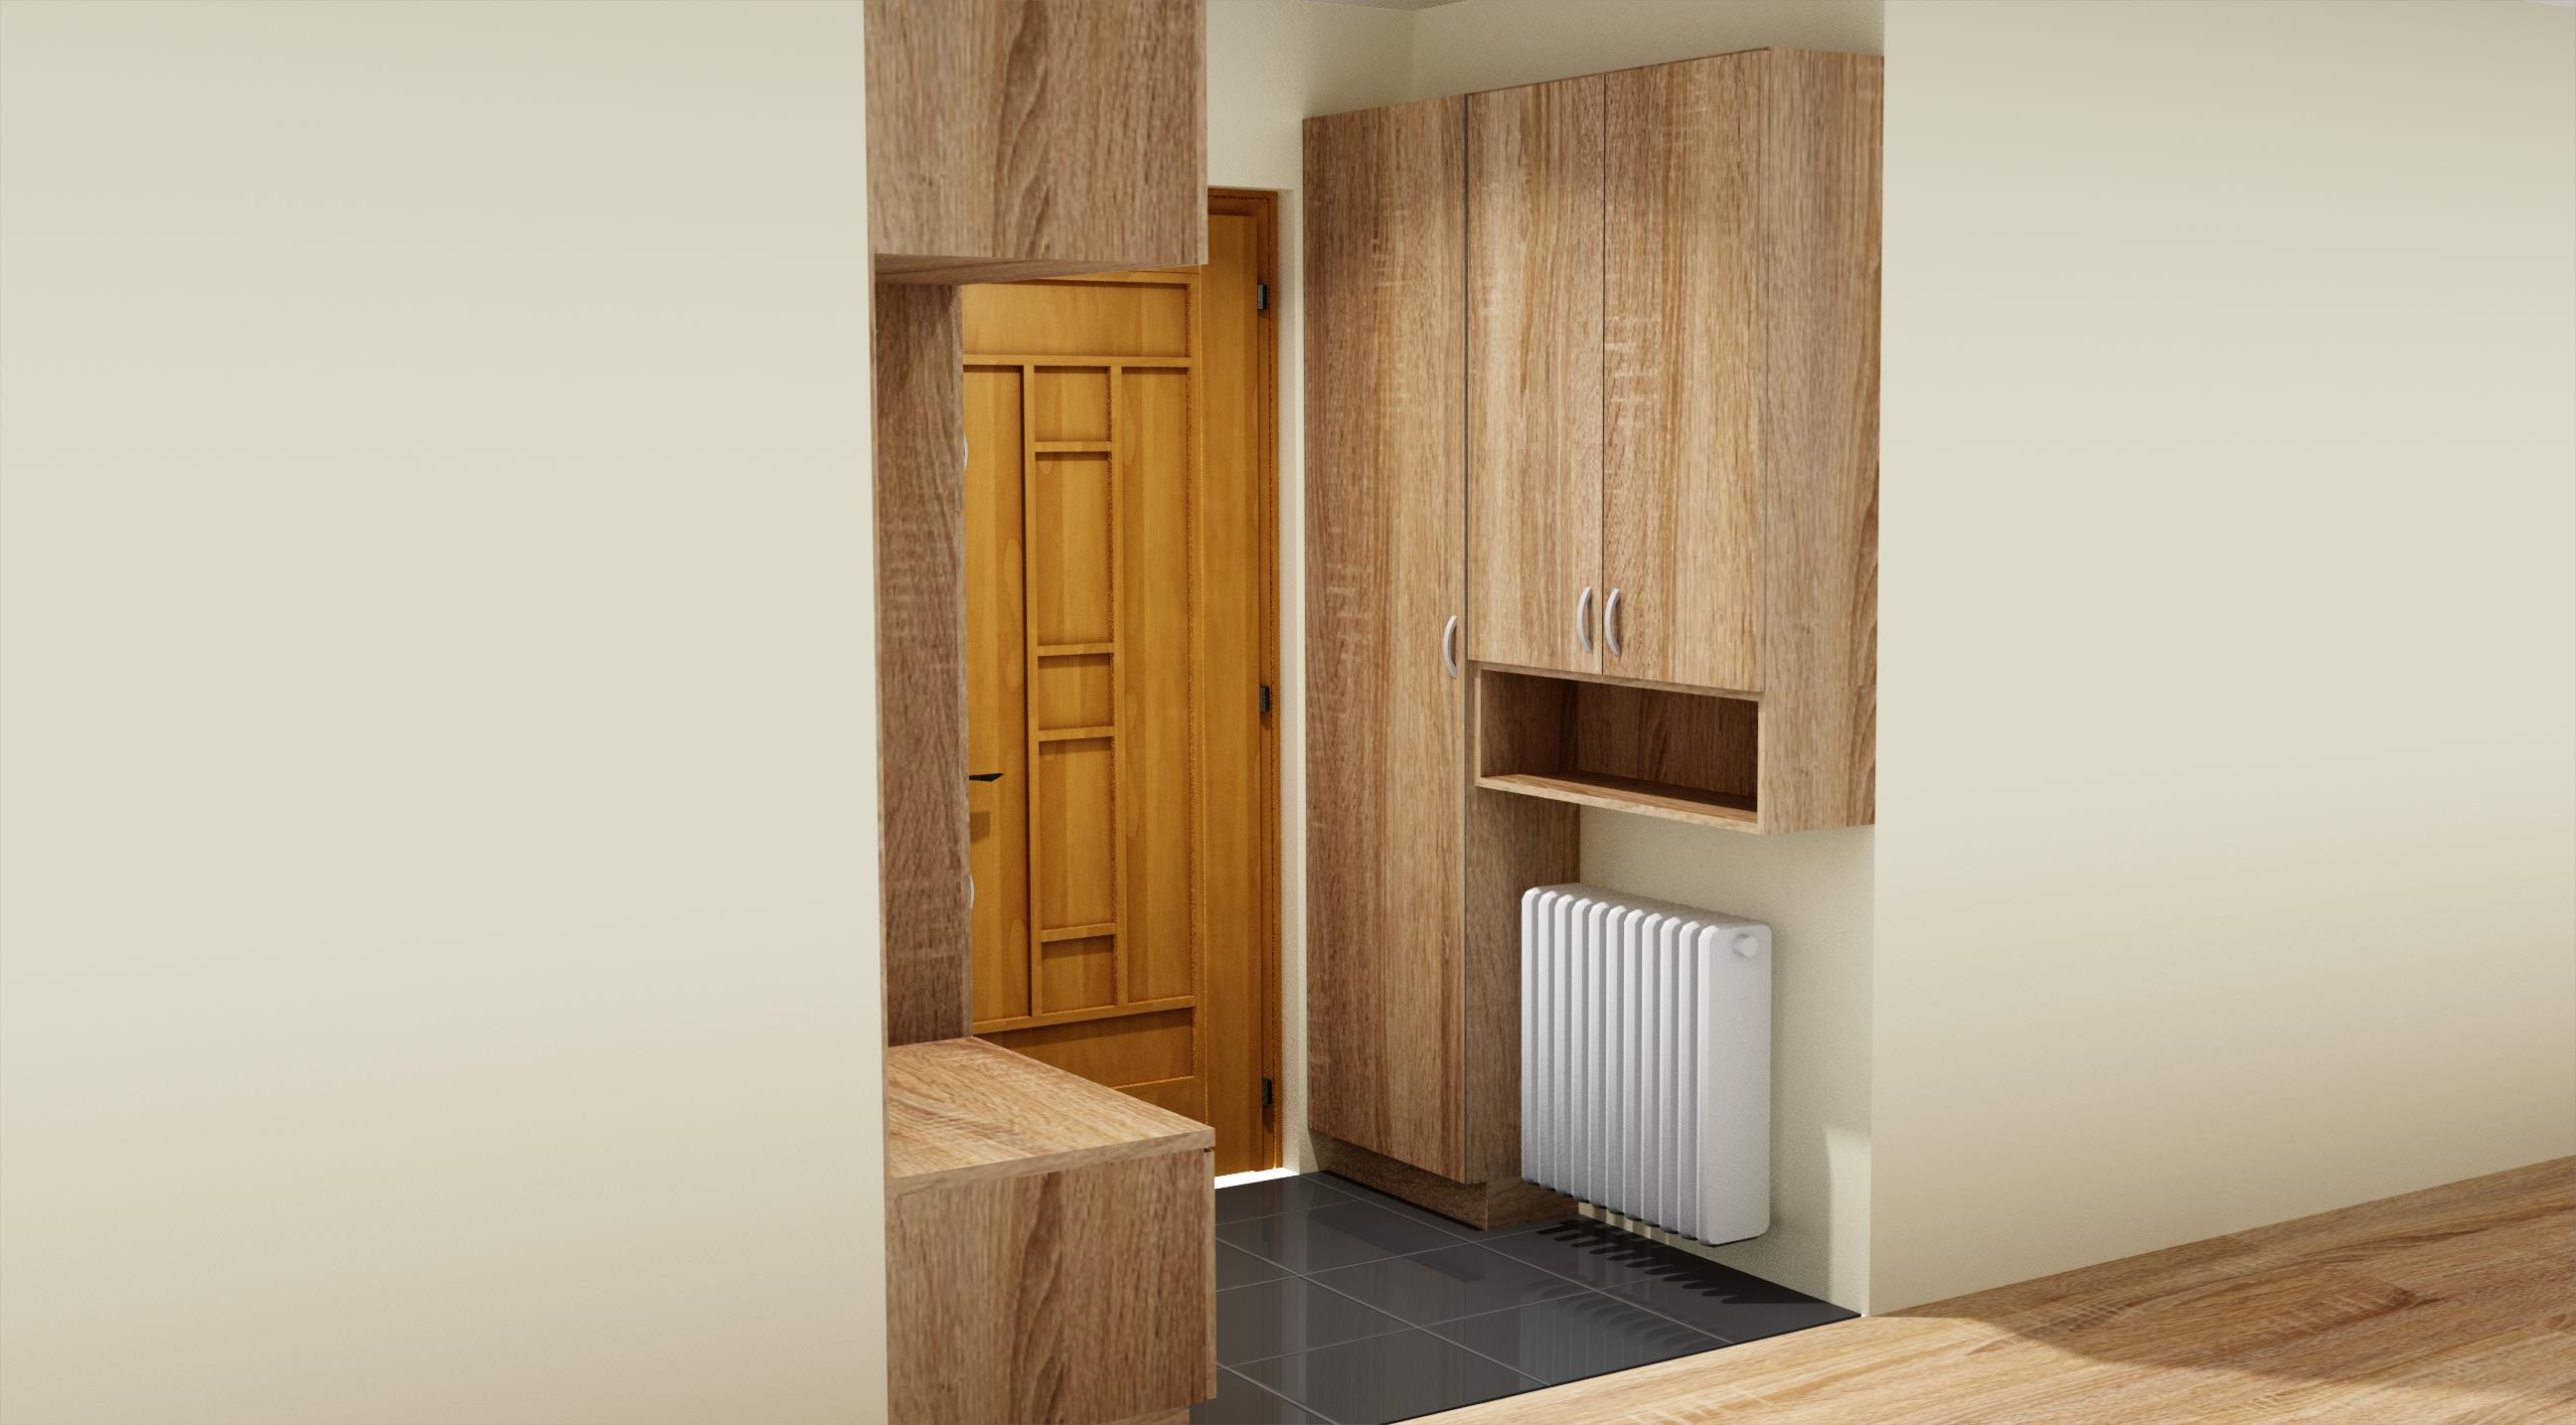 Előszoba Bútor Fa mintás ajtófrontokkal